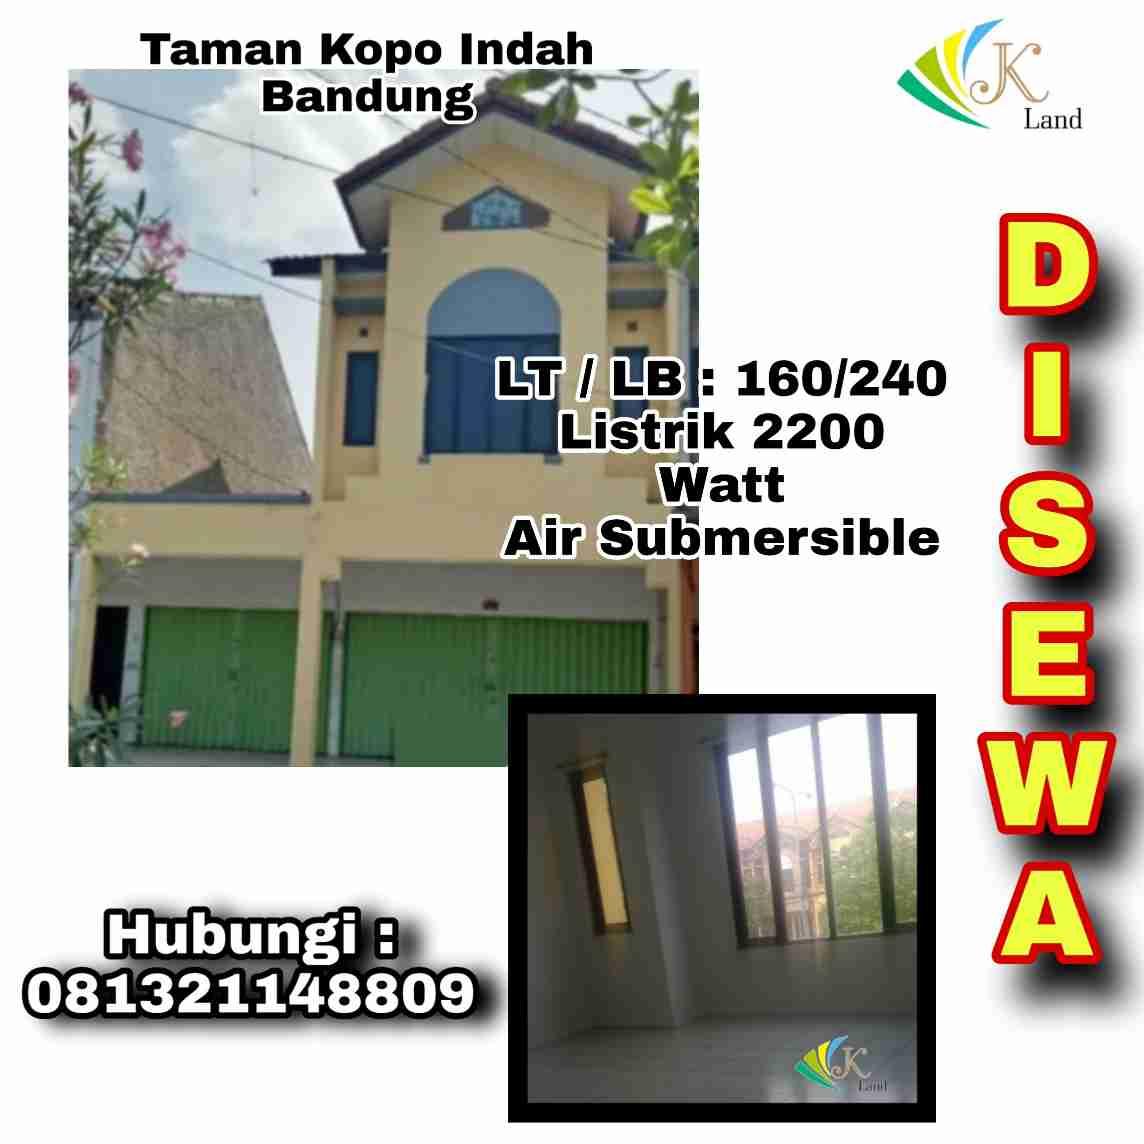 Disewakan Ruko Taman Kopo Indah Bandung